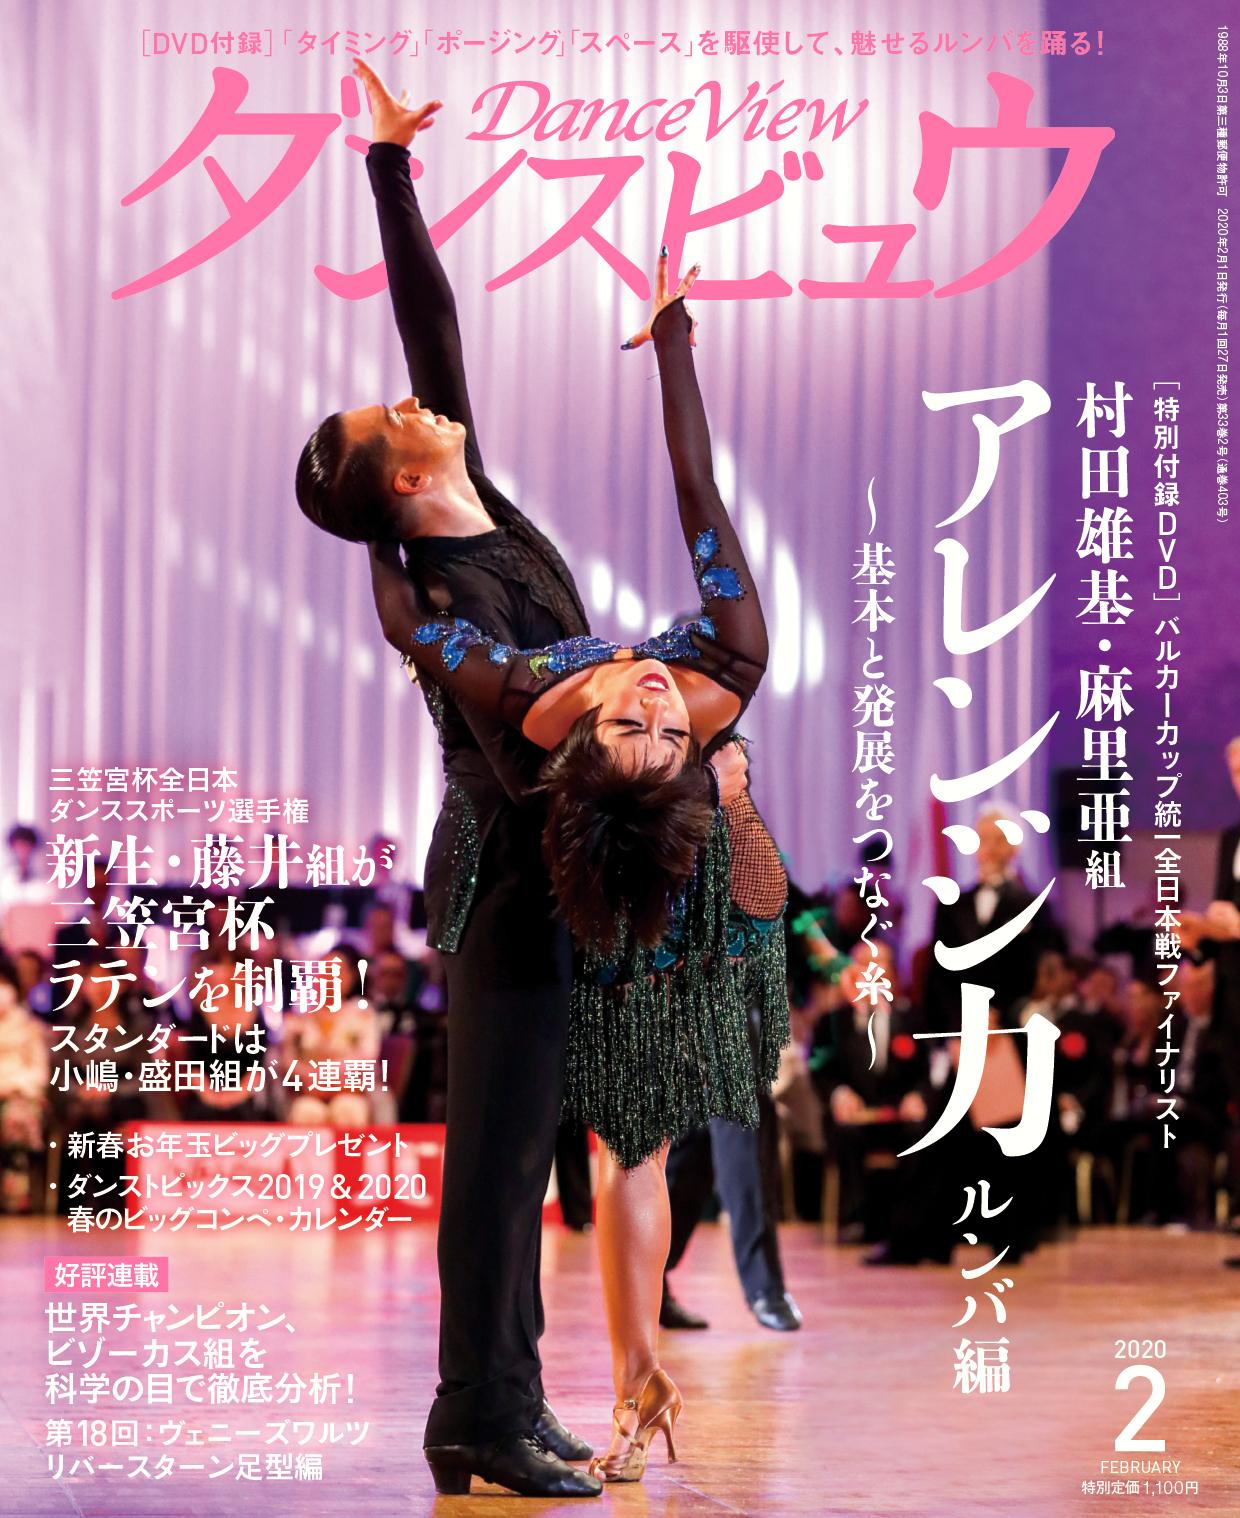 社交 ダンス 全日本 選手権